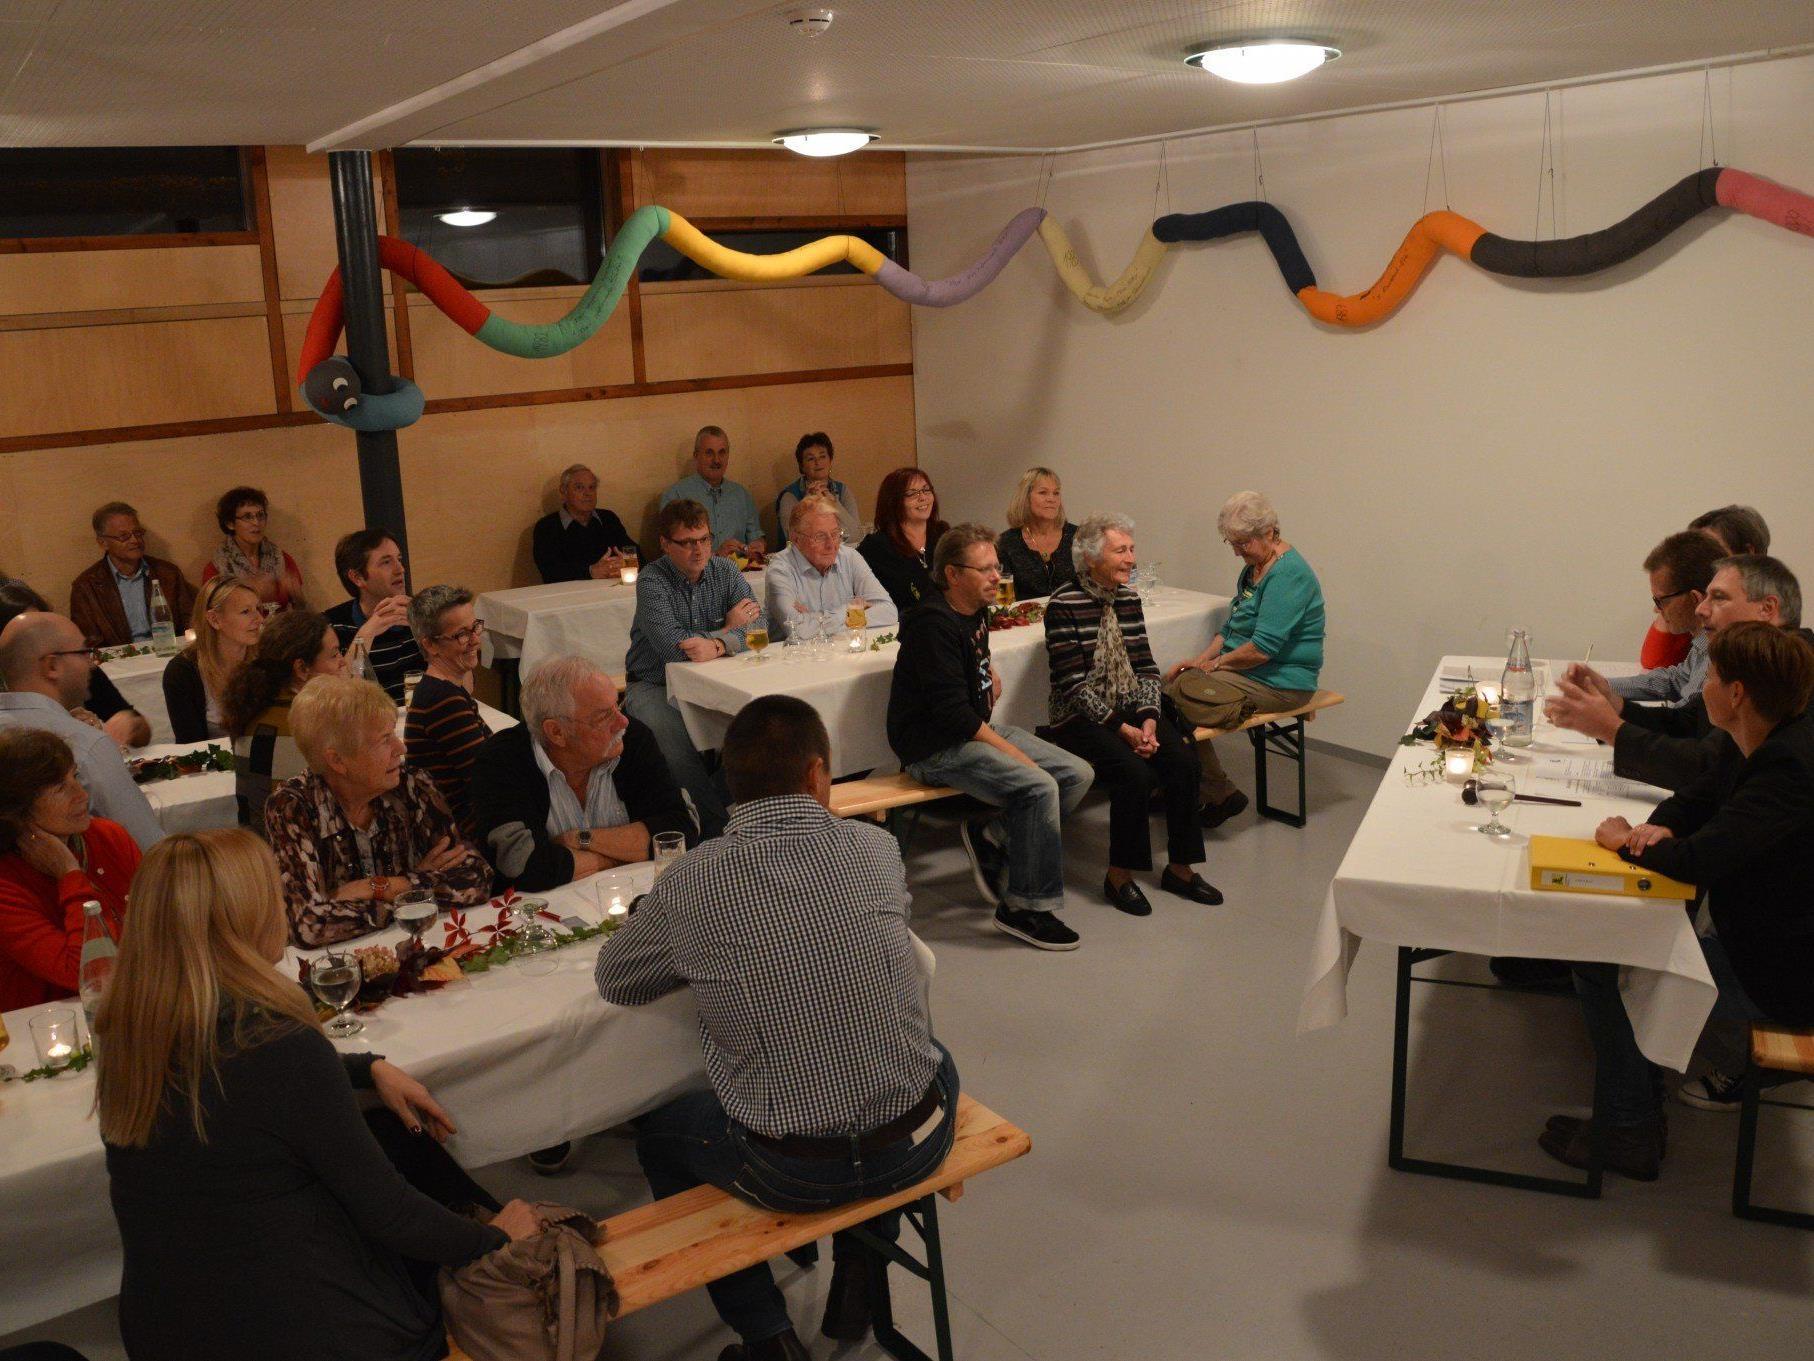 Jahreshauptversammlung der Luschnouar Bühne im neuen Vereinslokal